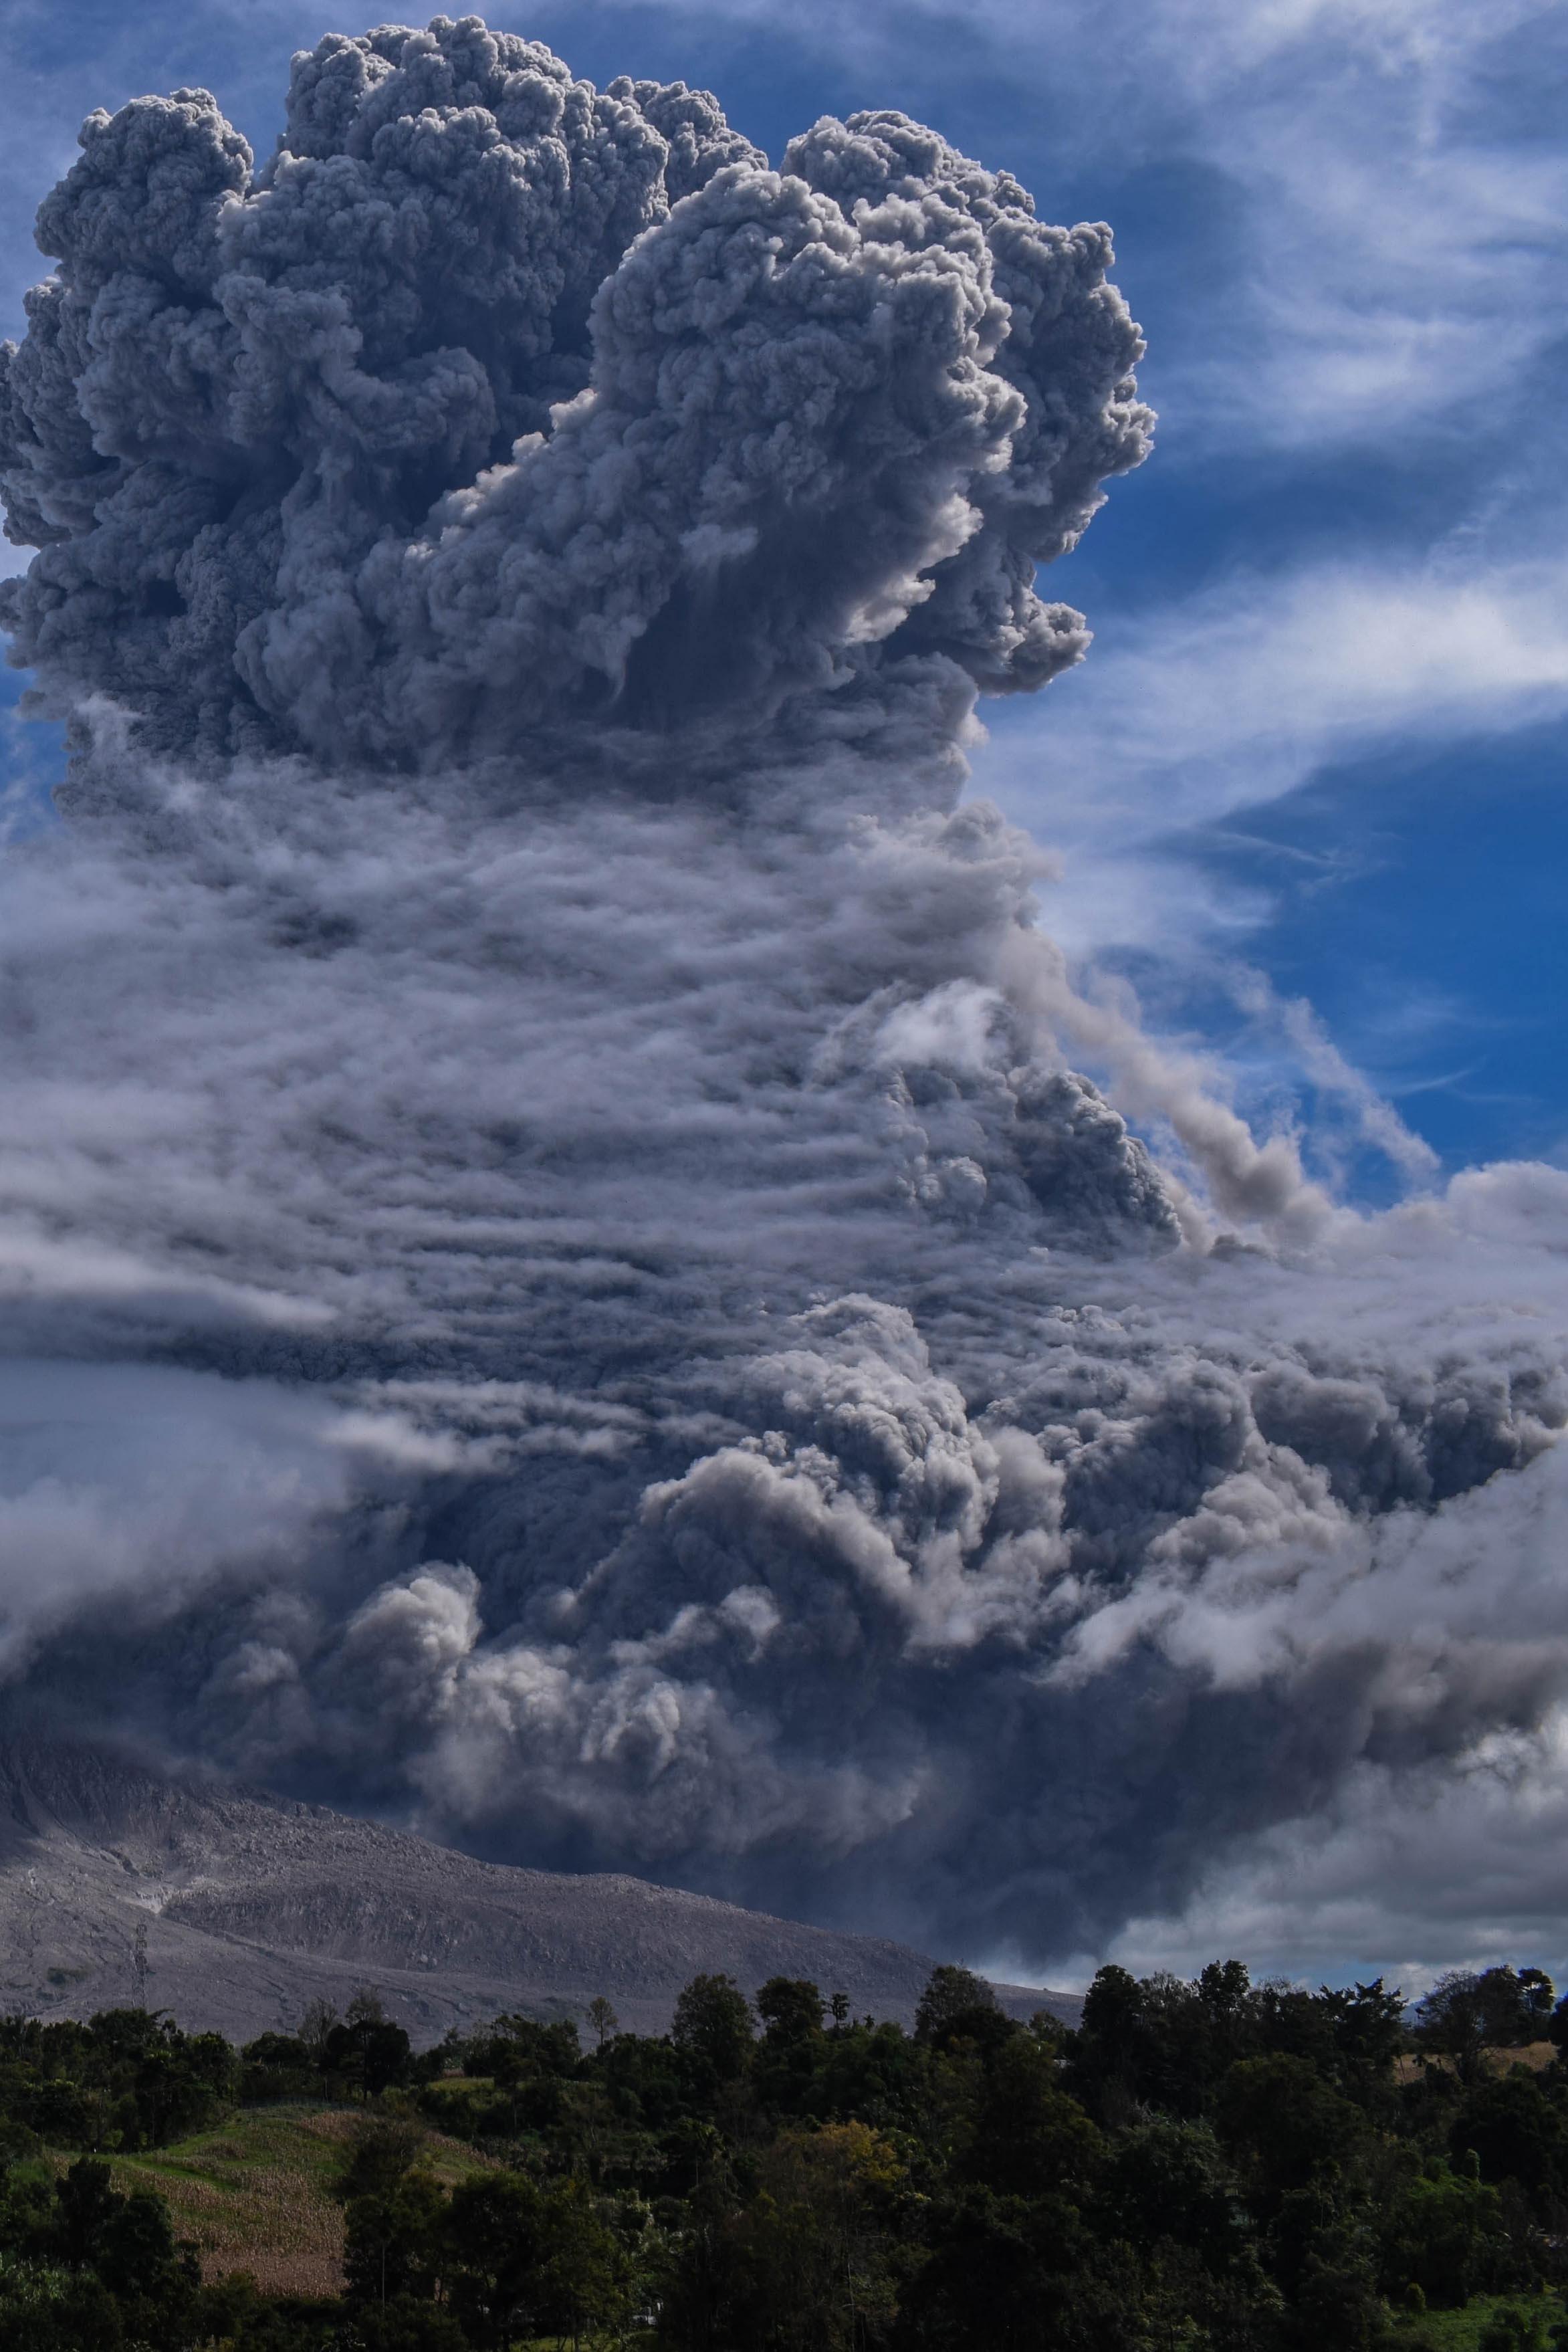 La arena y la ceniza que caen acumulaban hasta 5 centímetros en aldeas ya abandonadas en las laderas del volcán, dijo Armen Putra, un funcionario del puesto de monitoreo de Sinabung en la isla de Sumatra. (EFE/EPA/ITA SITEPU)